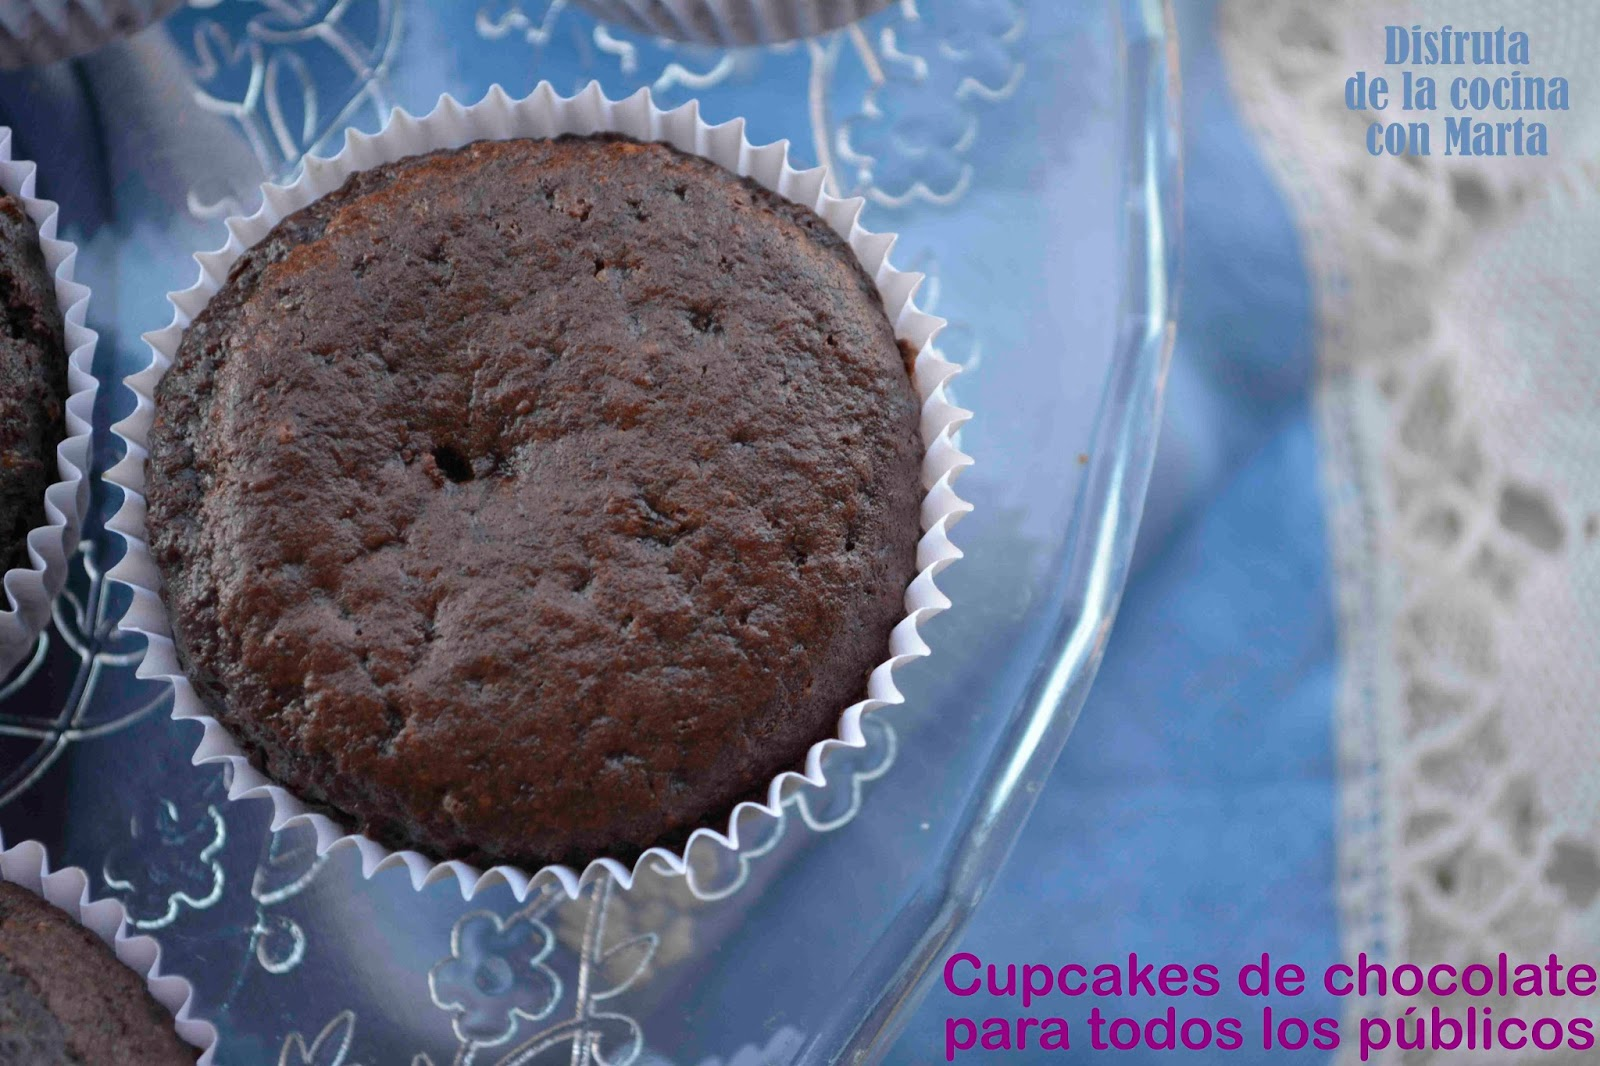 Confeitaria 101: como rechear um cupcake - cupcakeando.com.br